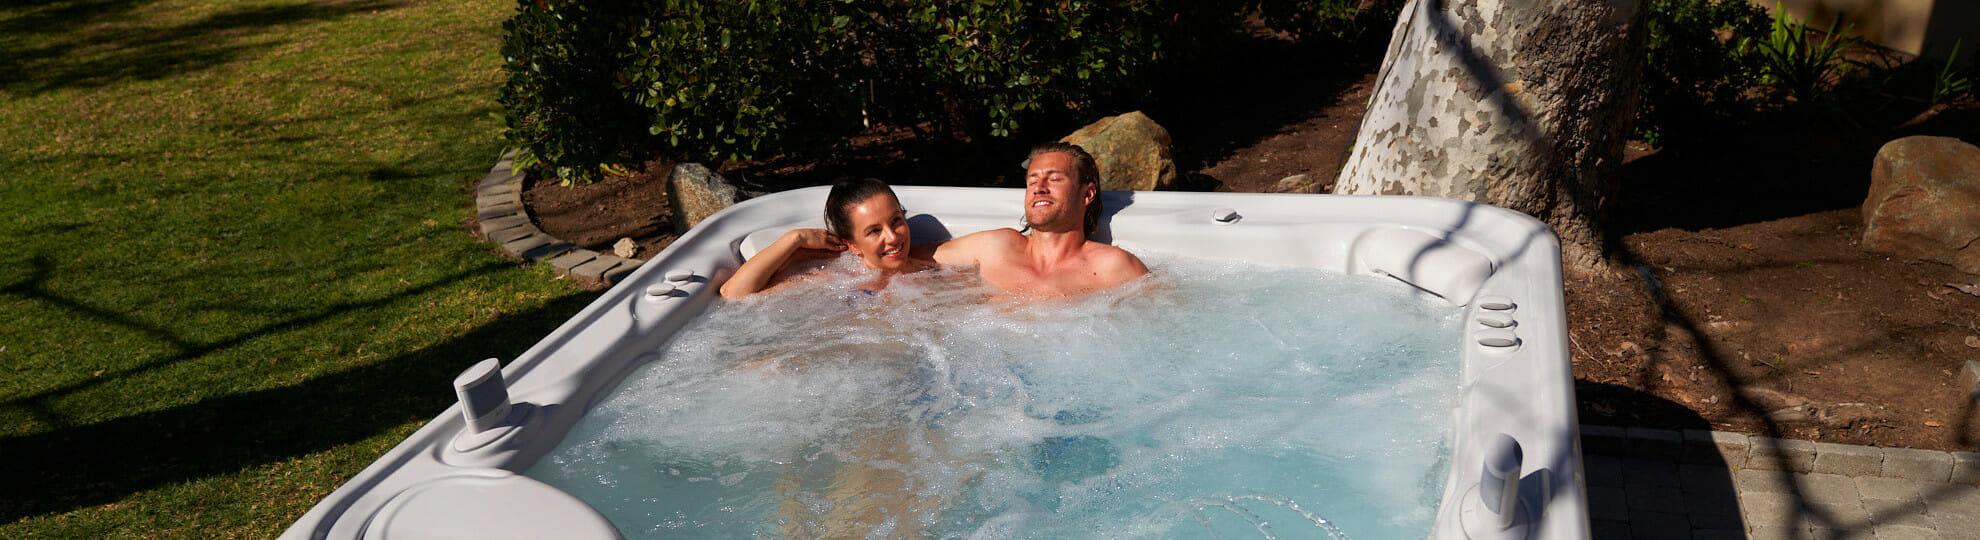 How Many Years Will My New Hot Tub Last?